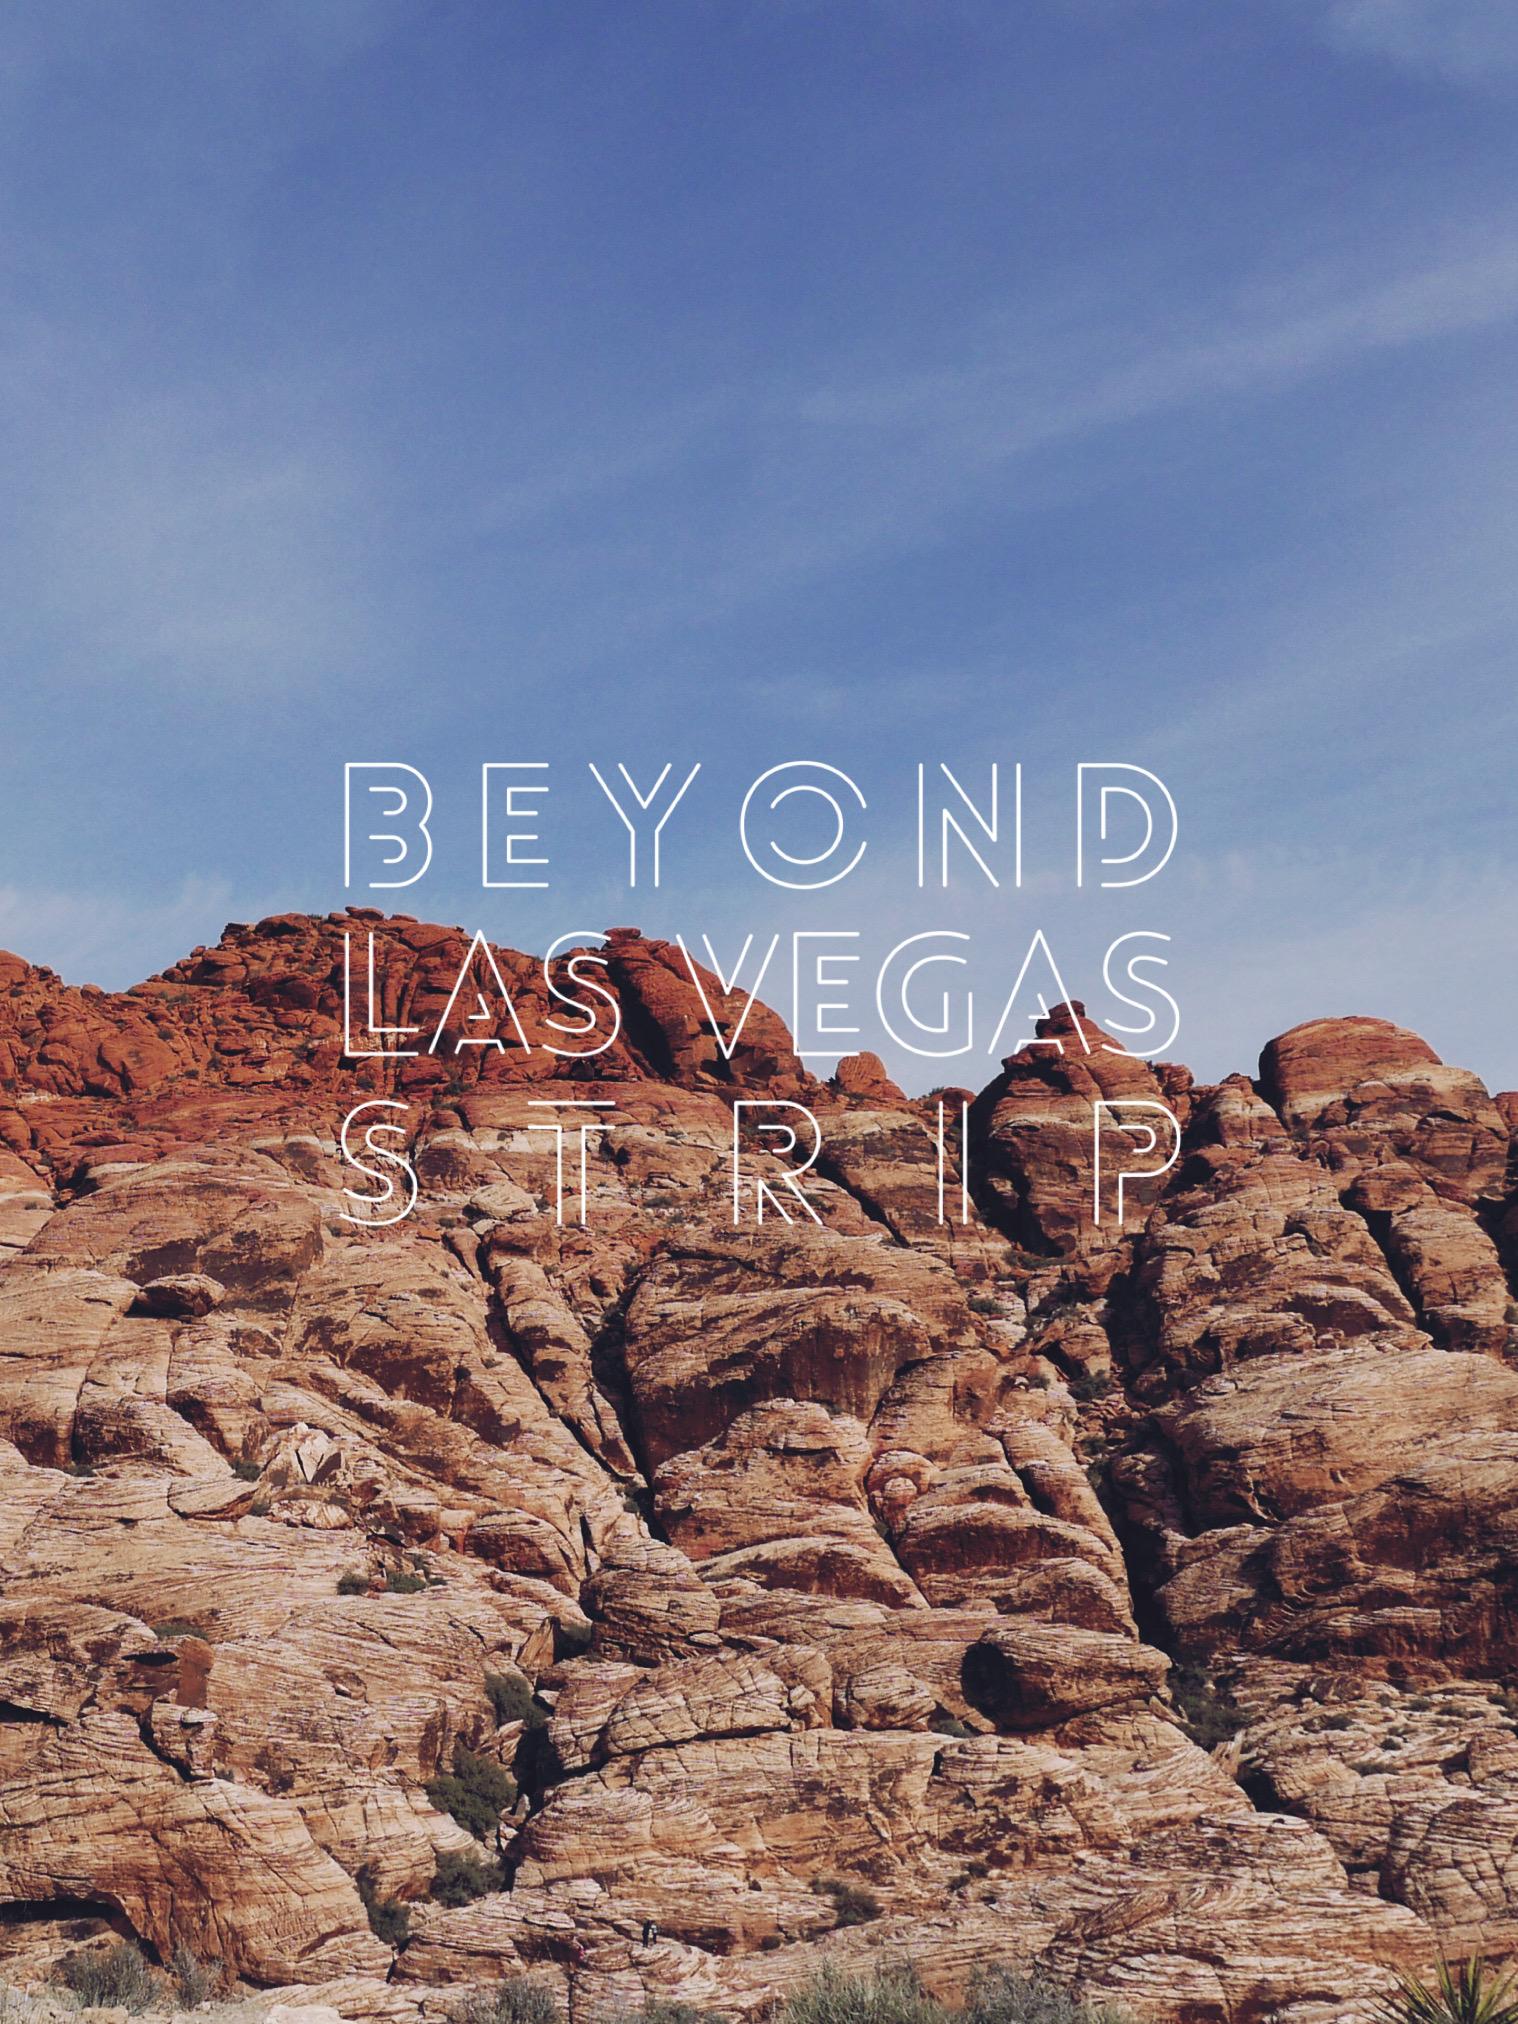 Beyond Las Vegas Strip